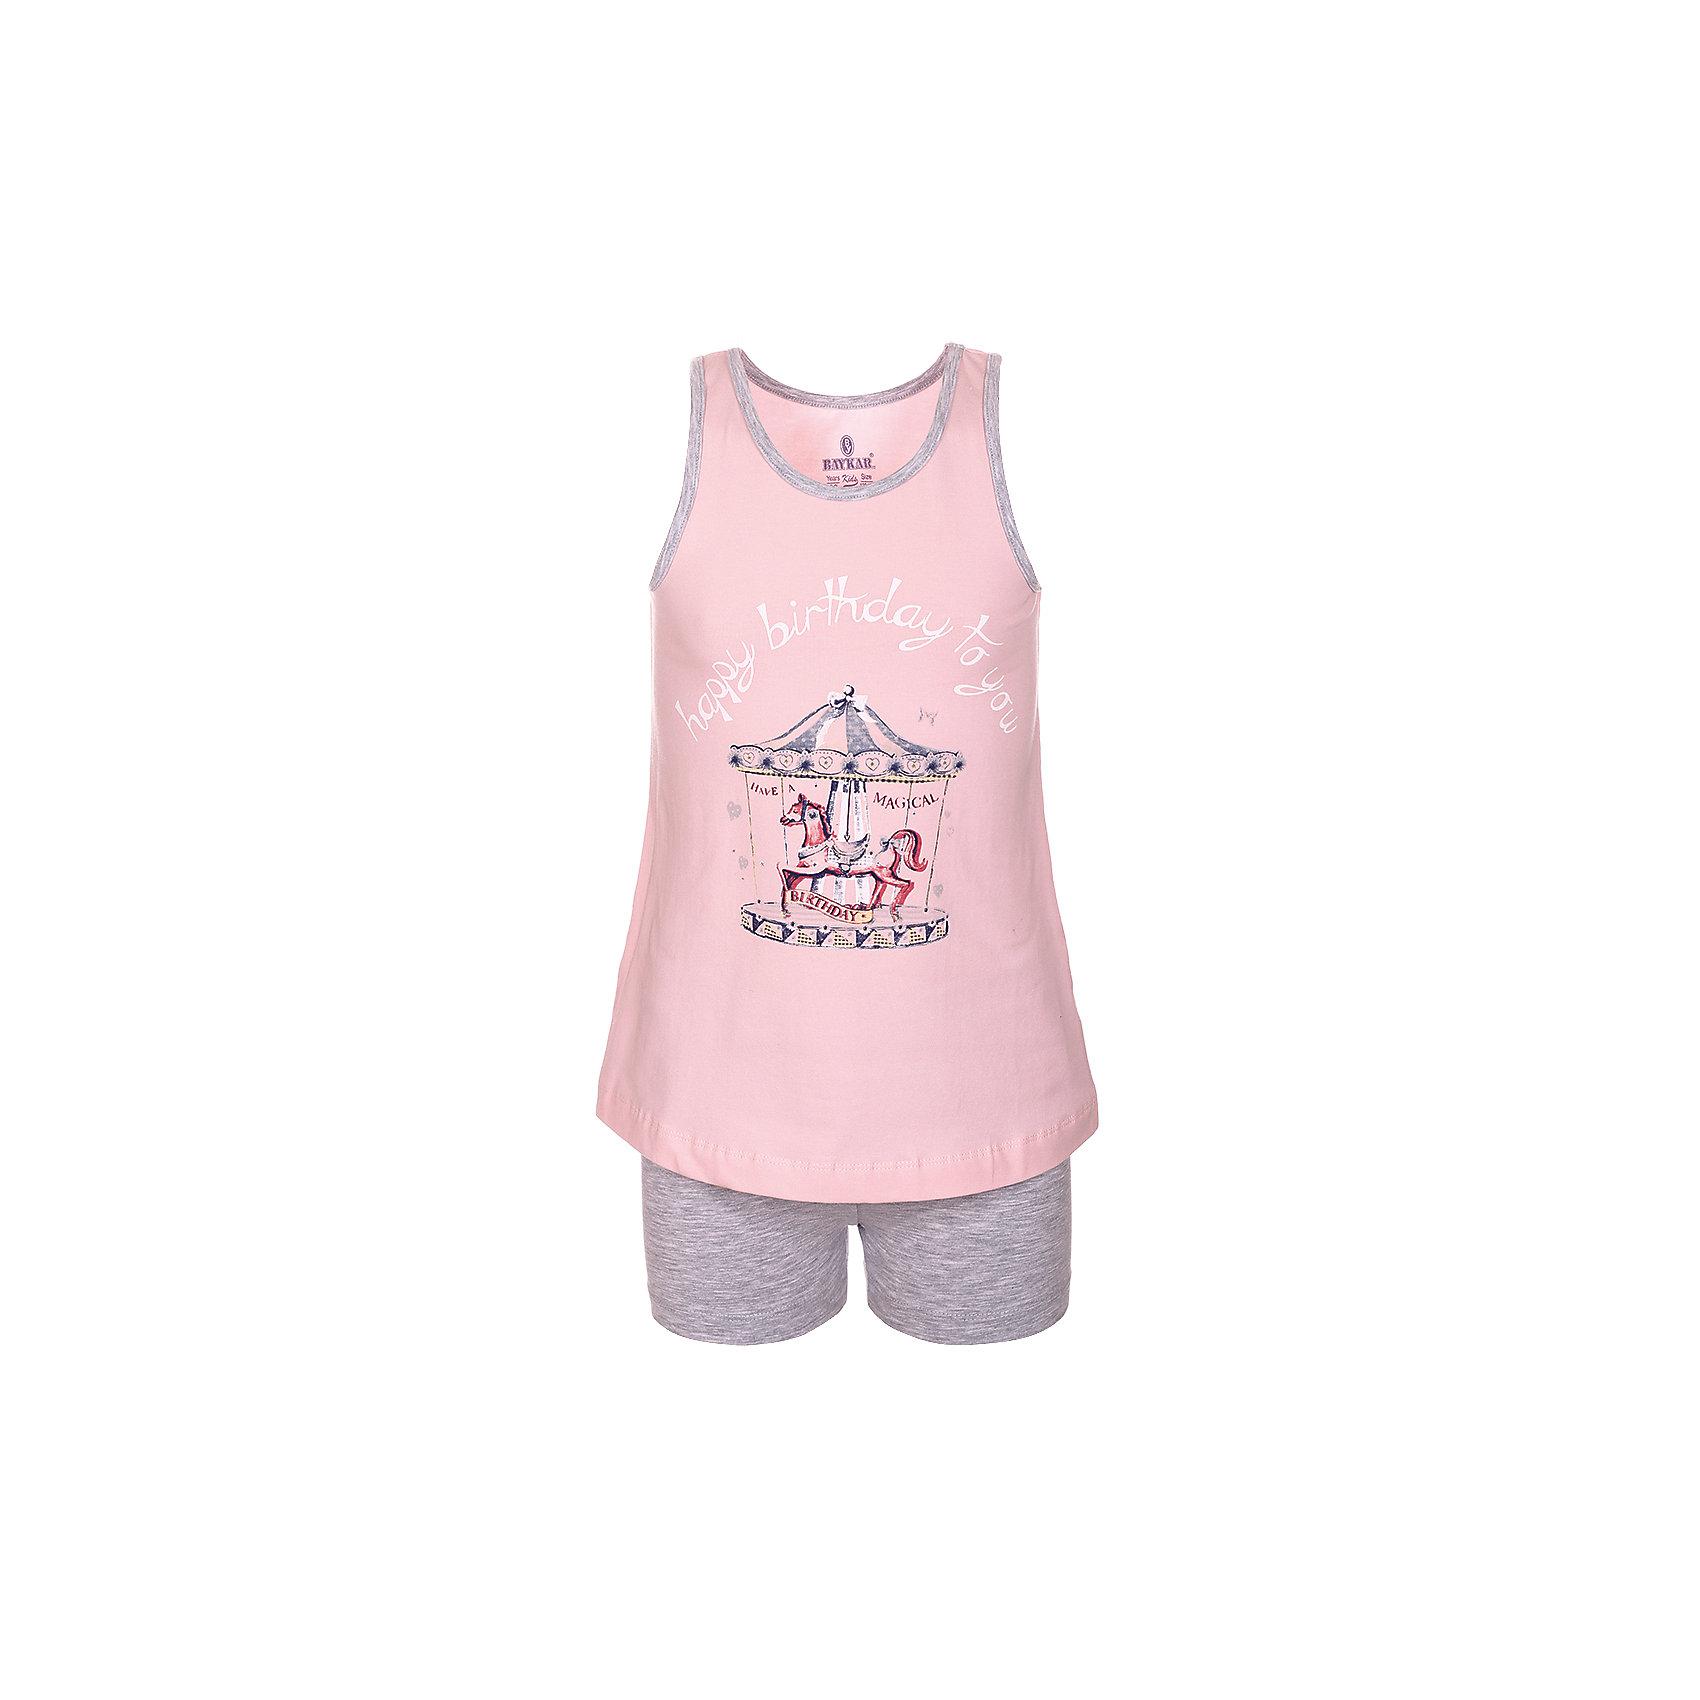 Пижама для девочки BaykarПижамы и сорочки<br>Характеристики товара:<br><br>• цвет: розовый<br>• состав ткани: 95% хлопок; 5% эластан<br>• комплектация: майка, шорты<br>• пояс шорт: резинка<br>• сезон: круглый год<br>• страна бренда: Турция<br>• страна изготовитель: Турция<br><br>Хлопковая пижама для девочки Baykar украшена симпатичным принтом. Этот комплект для сна из майки и шорт сделан из мягкого дышащего материала. <br><br>Мягкая отделка краев и продуманный крой обеспечивают комфортную посадку. Розовая пижама для девочки позволяет обеспечить комфортный сон.<br><br>Пижаму для девочки Baykar (Байкар) можно купить в нашем интернет-магазине.<br><br>Ширина мм: 281<br>Глубина мм: 70<br>Высота мм: 188<br>Вес г: 295<br>Цвет: розовый<br>Возраст от месяцев: 108<br>Возраст до месяцев: 120<br>Пол: Женский<br>Возраст: Детский<br>Размер: 134/140,140/146,122/128,128/134<br>SKU: 6764837